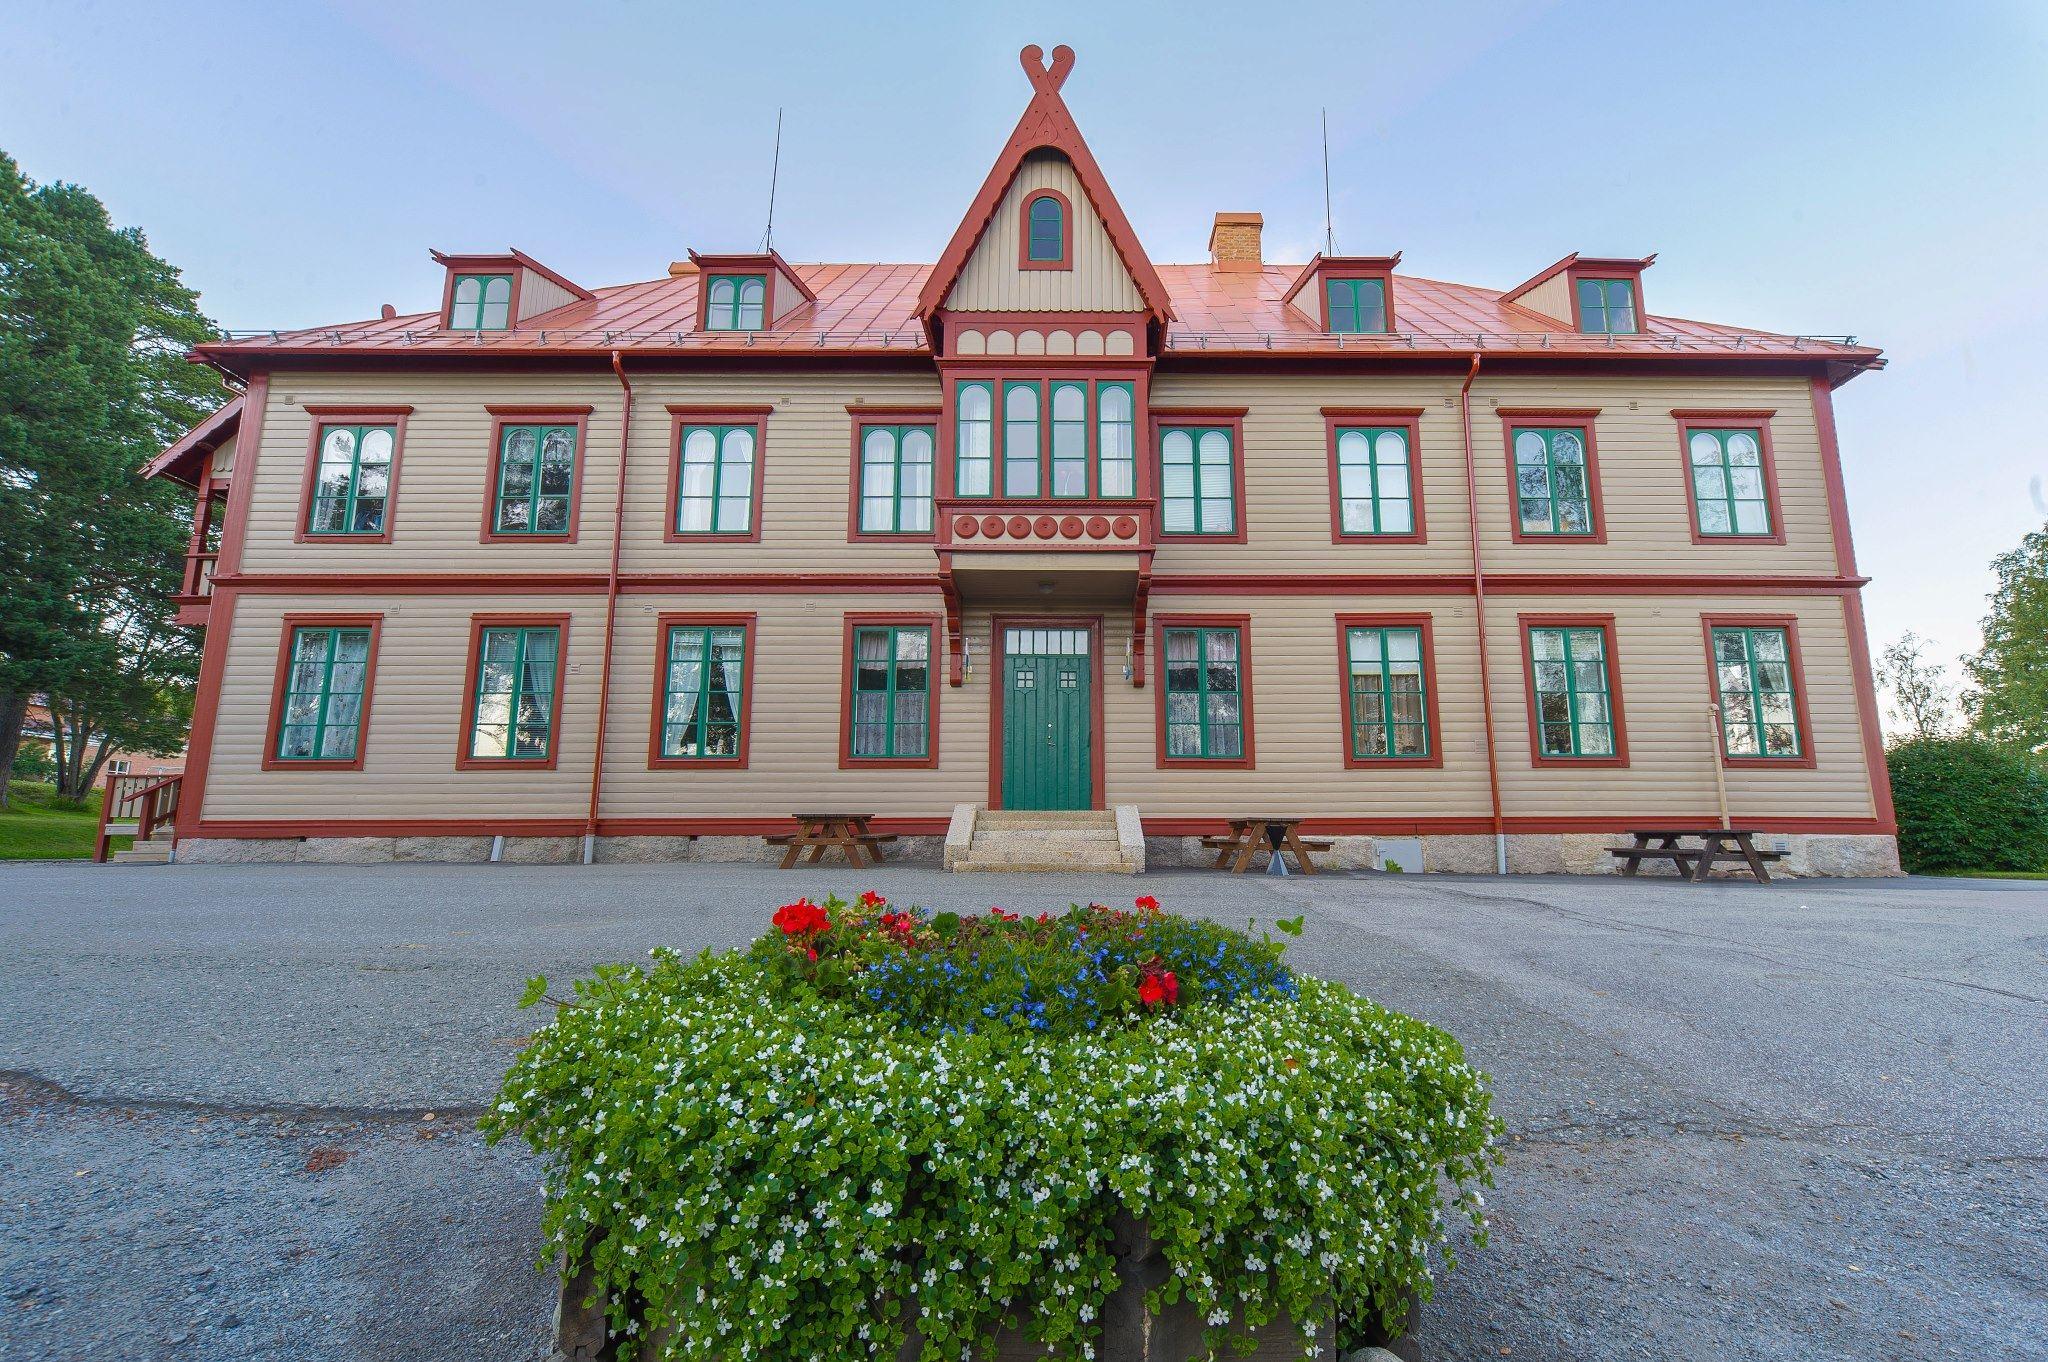 Vilhelmina Turistbyrå/TouristCenter